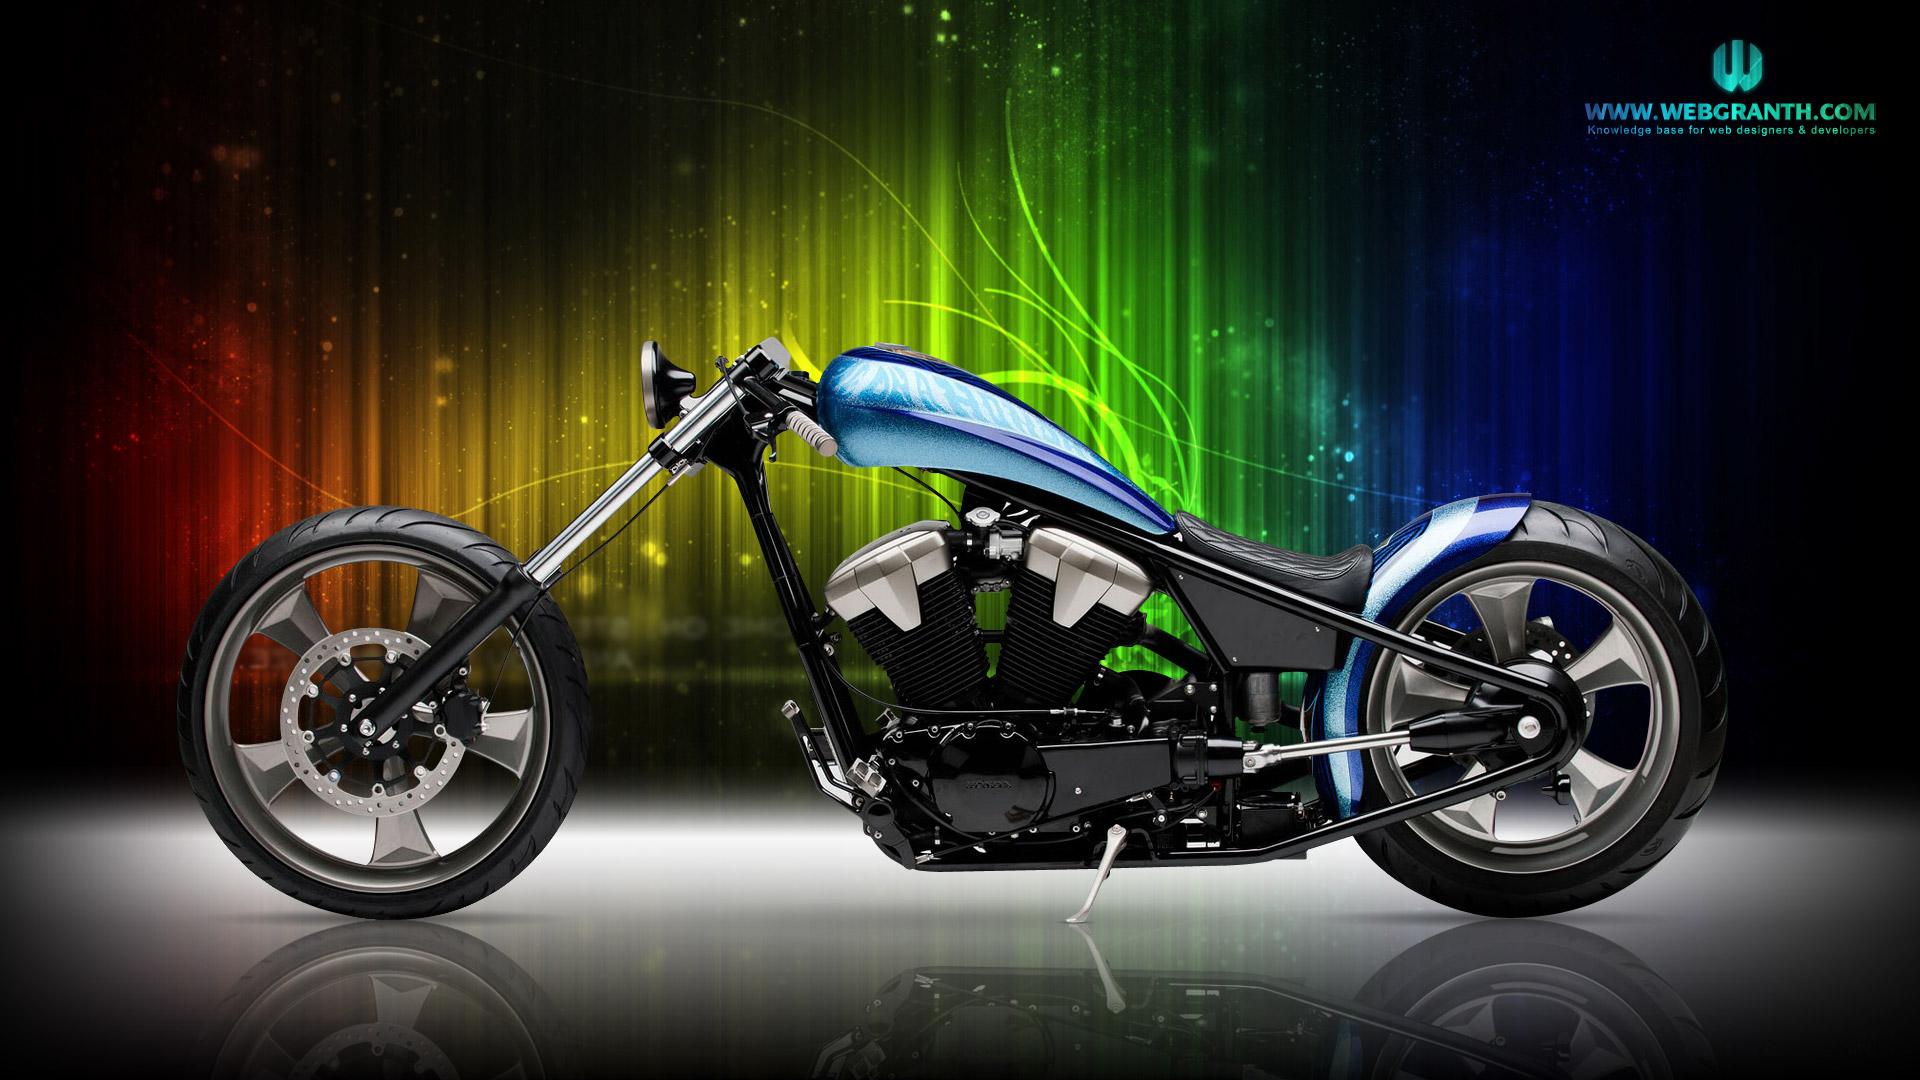 Motorcycle Desktop Pics Wallpaper in Pixels 1920x1080